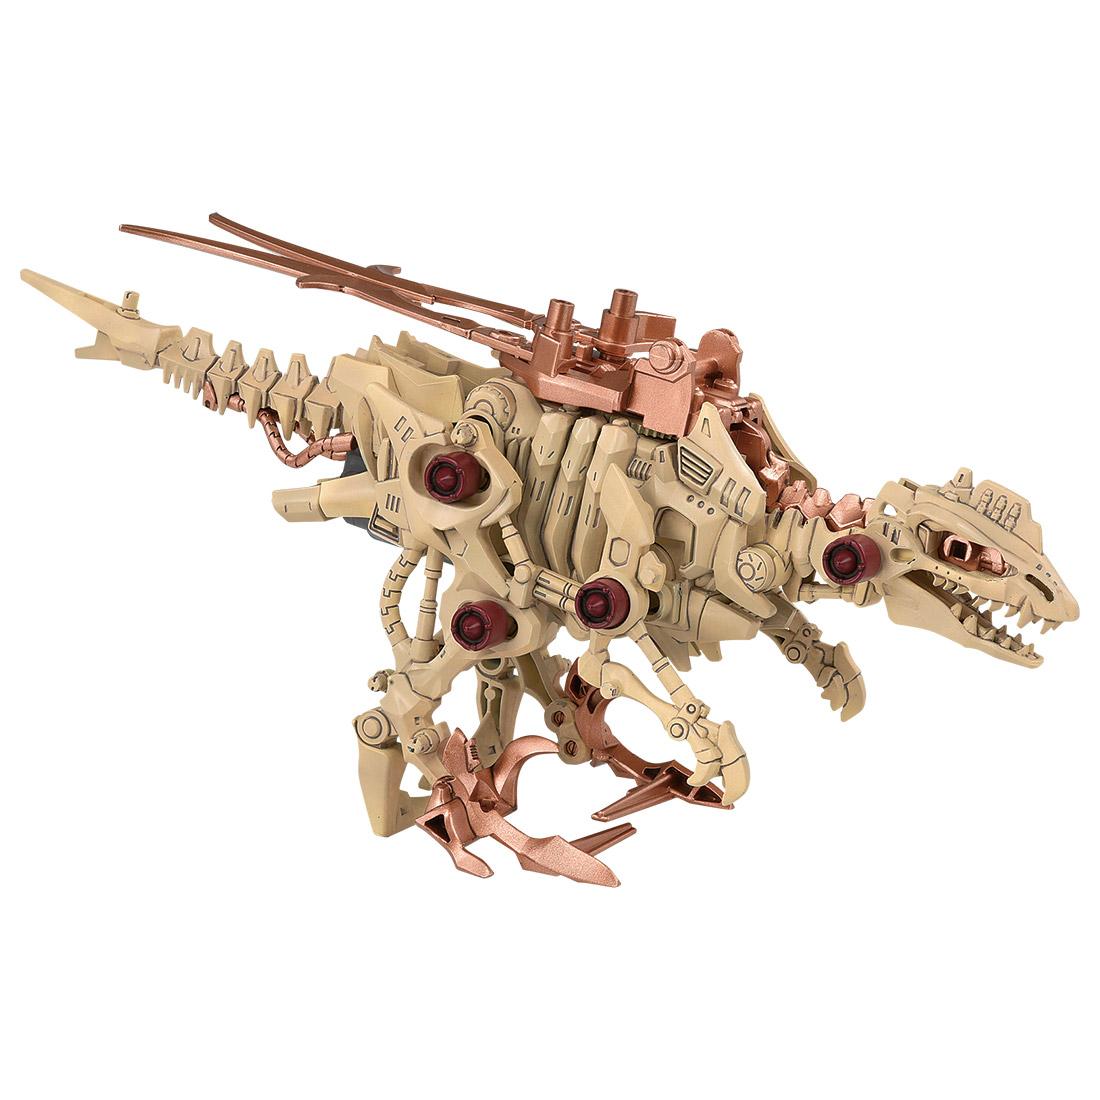 【恐竜博2019開催記念】ゾイドワイルド『ギルラプター レアボーンver.』組み立てキット-005